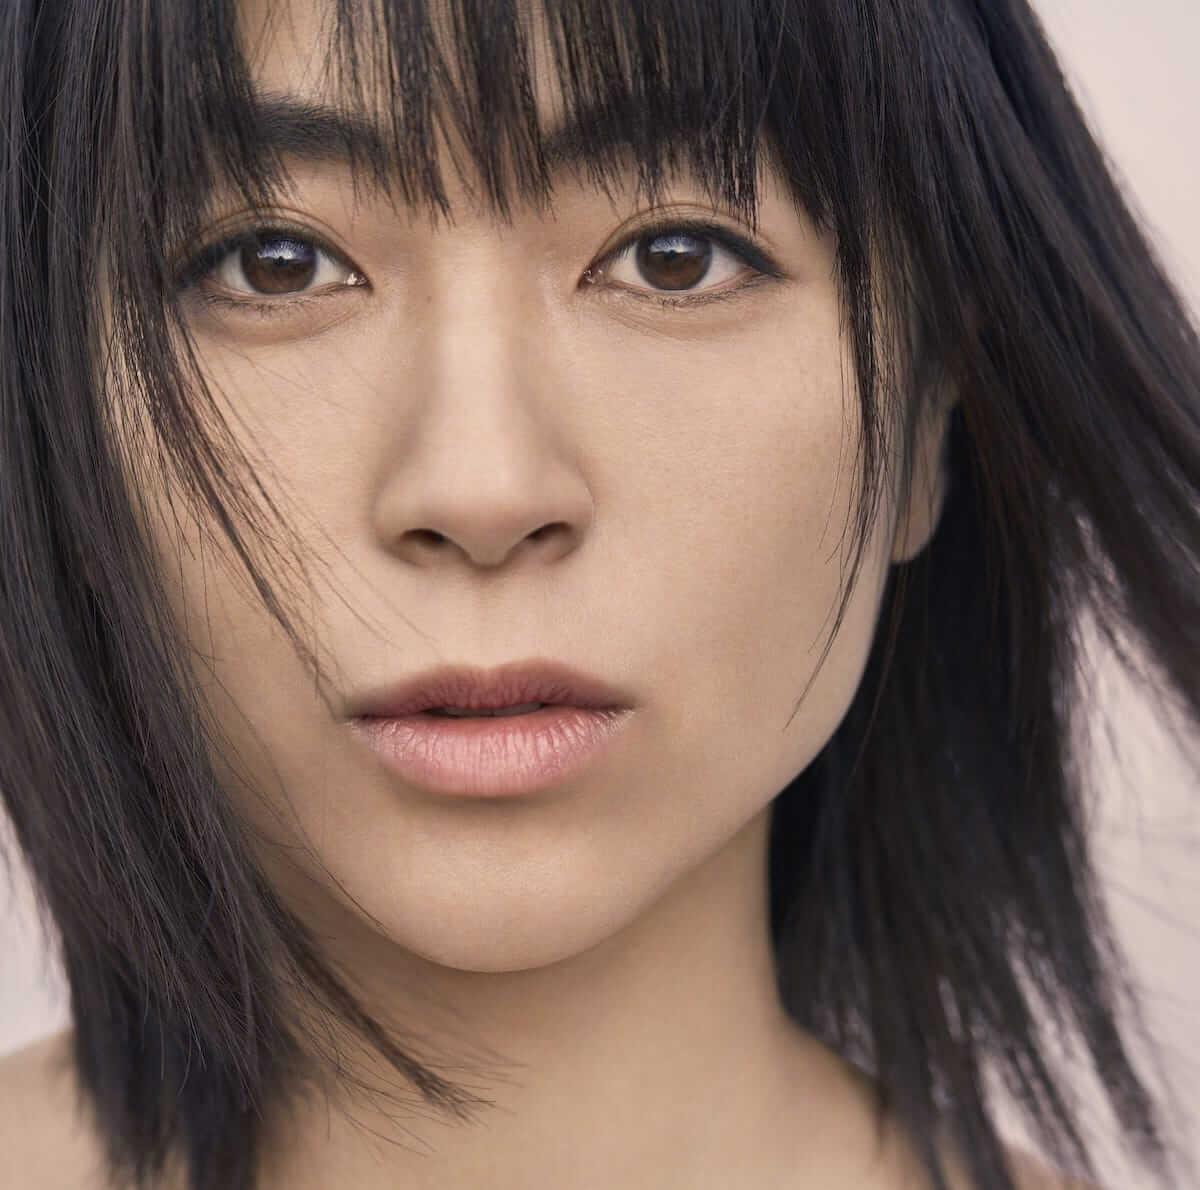 宇多田ヒカル、7thアルバム『初恋』のアナログ盤が11月に発売 music180816-utadahikaru-1-1200x1190